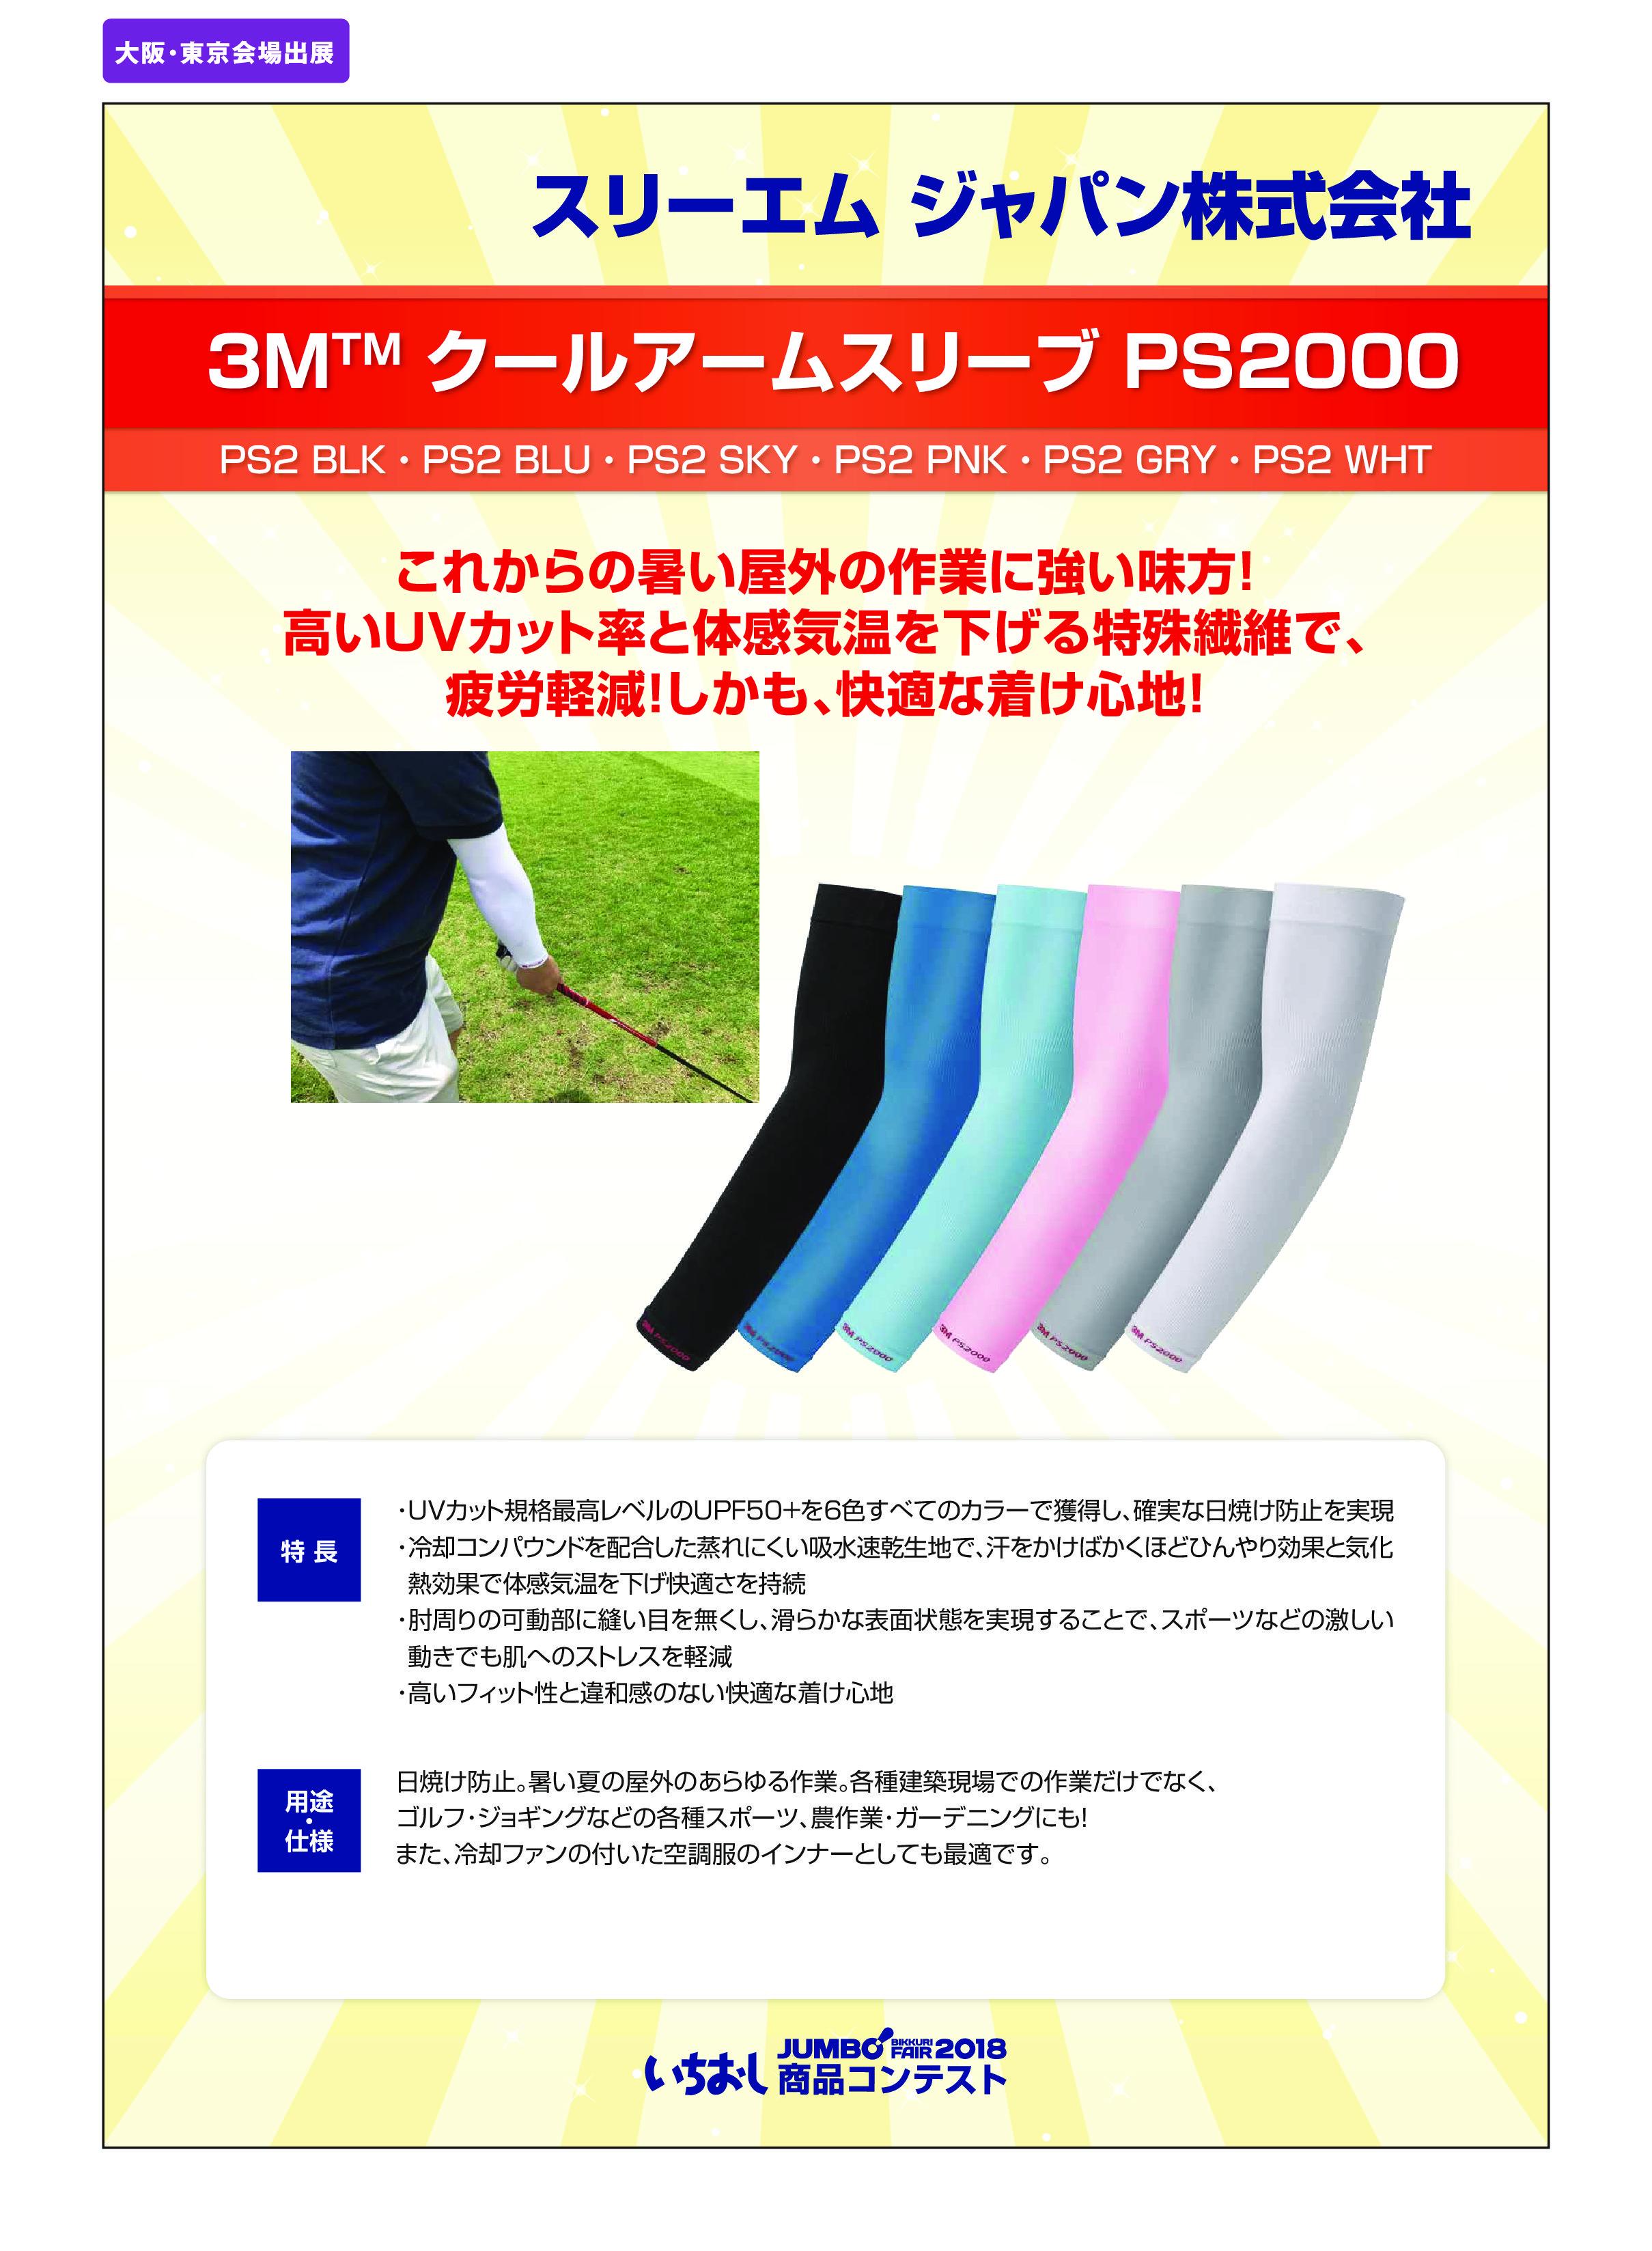 「3M™ クールアームスリーブ PS2000」スリーエム ジャパン株式会社の画像